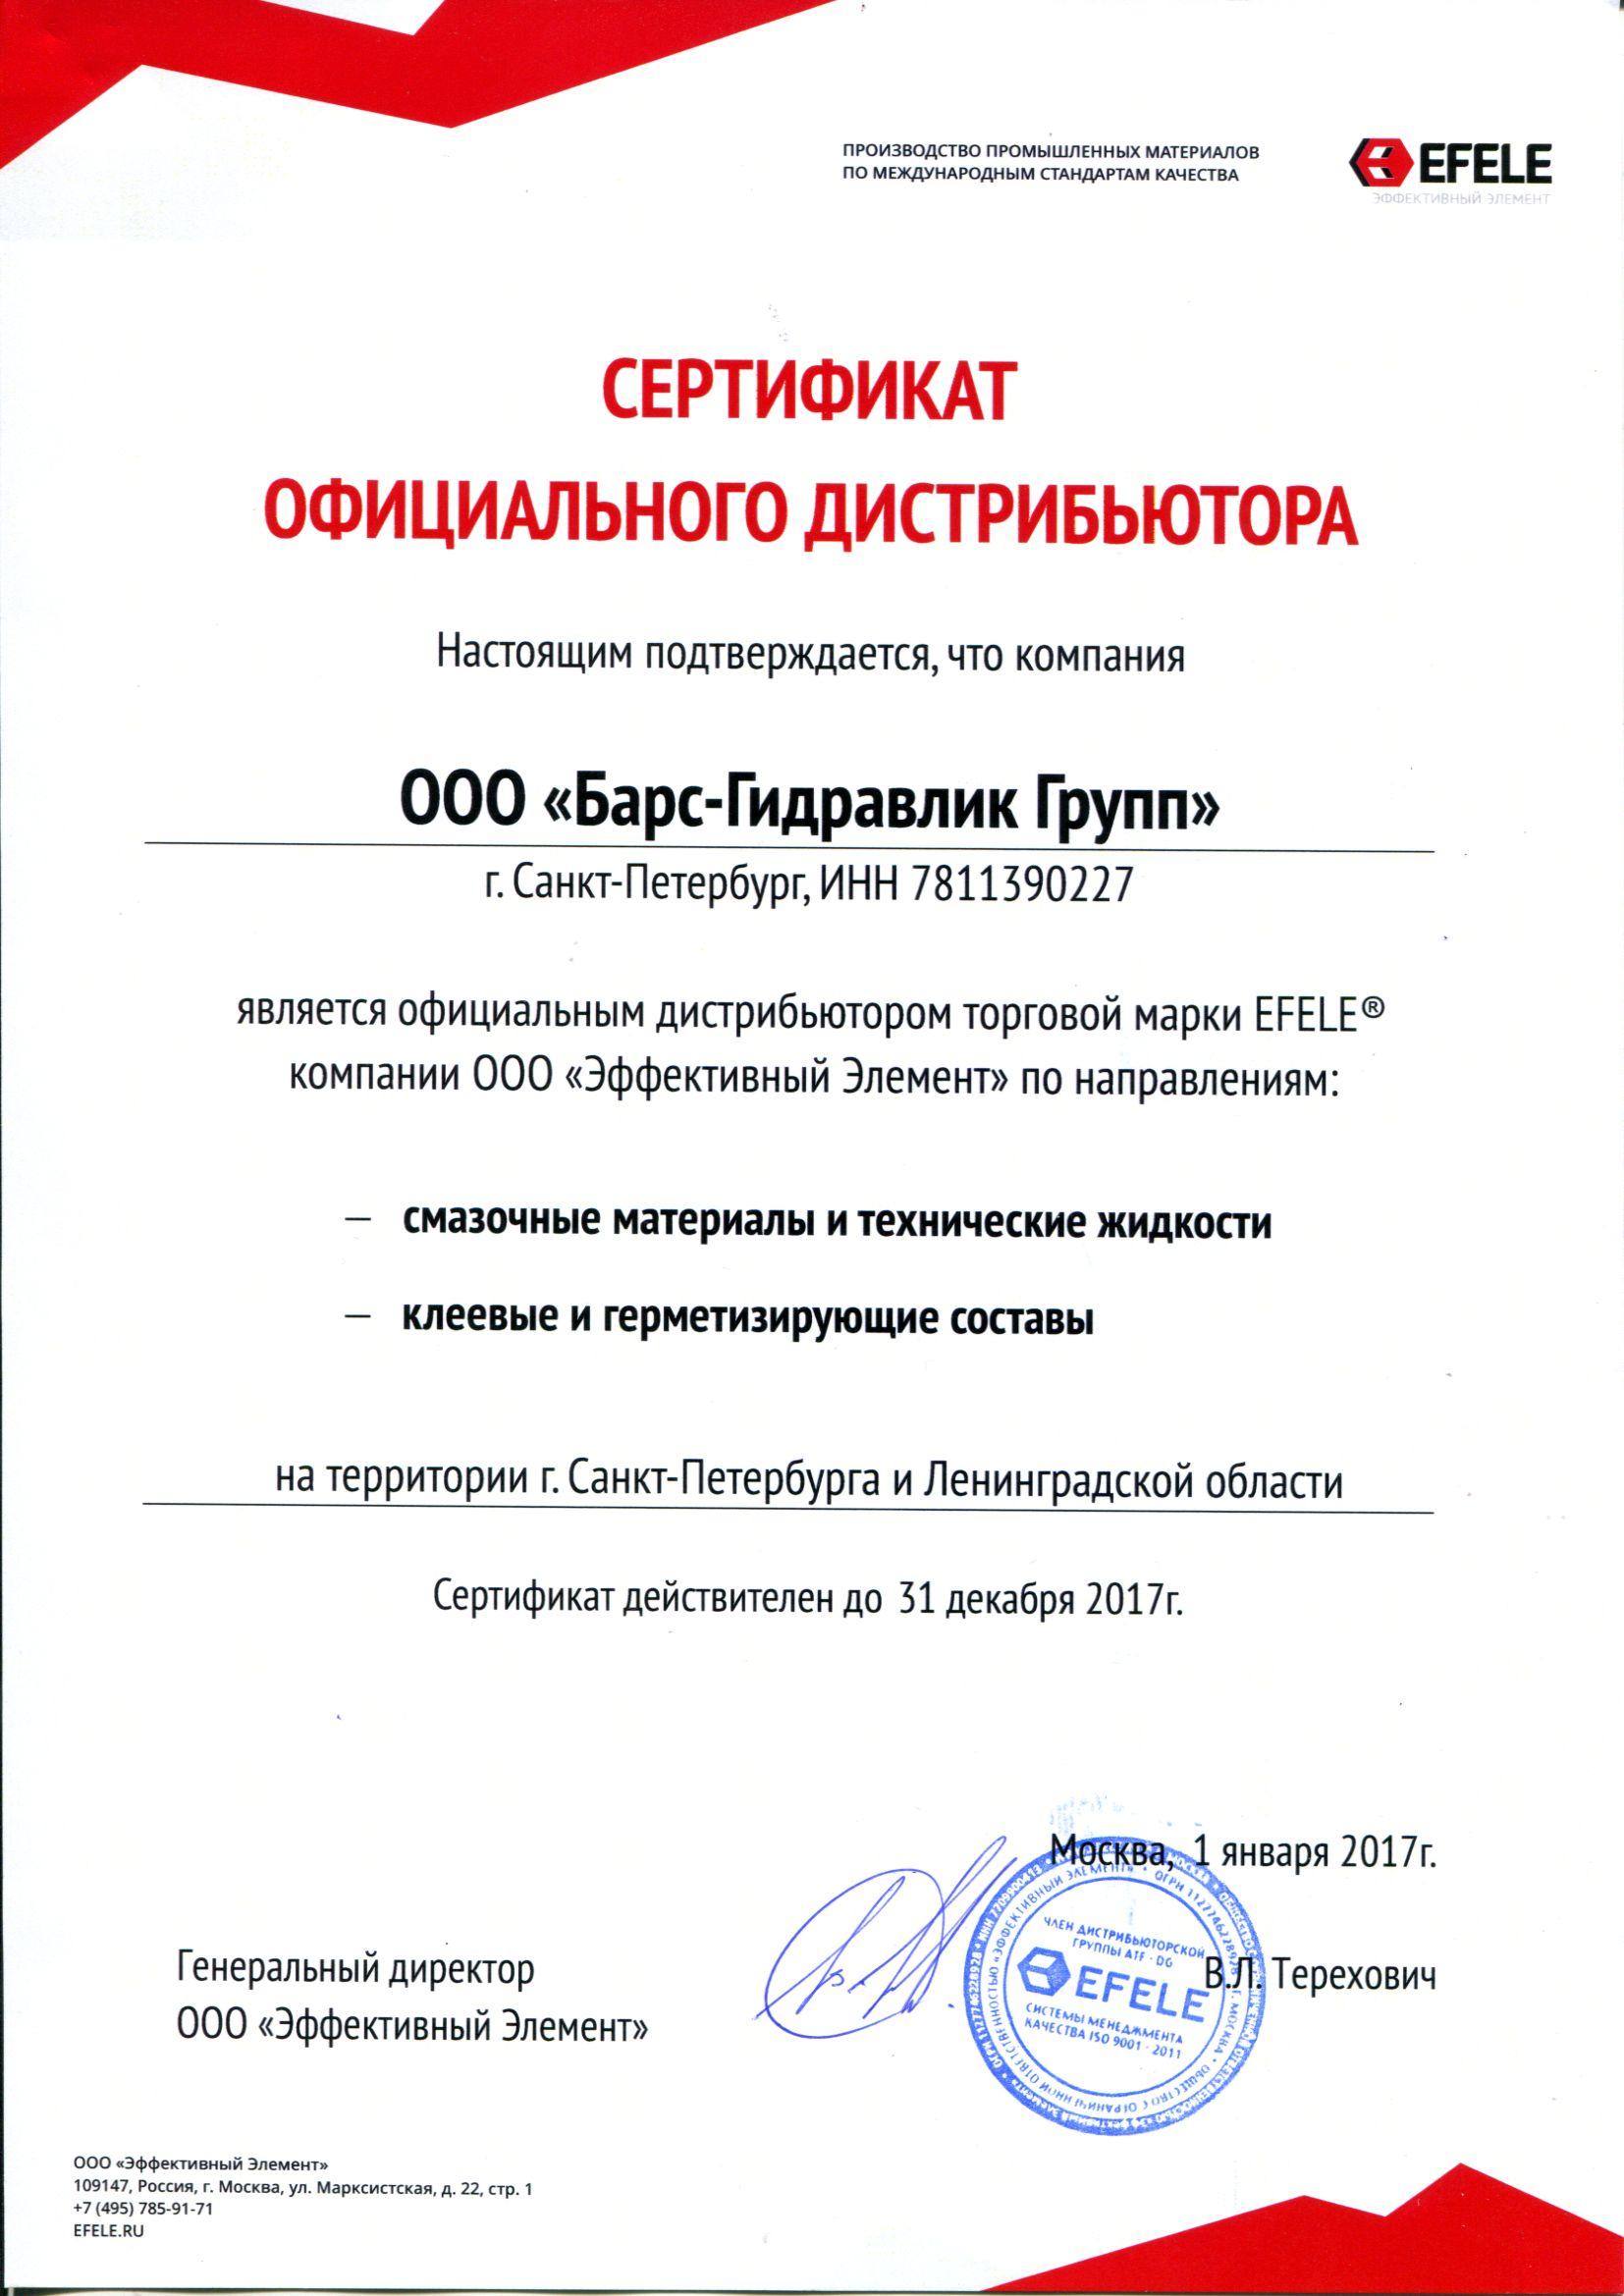 Сертификат EFELE